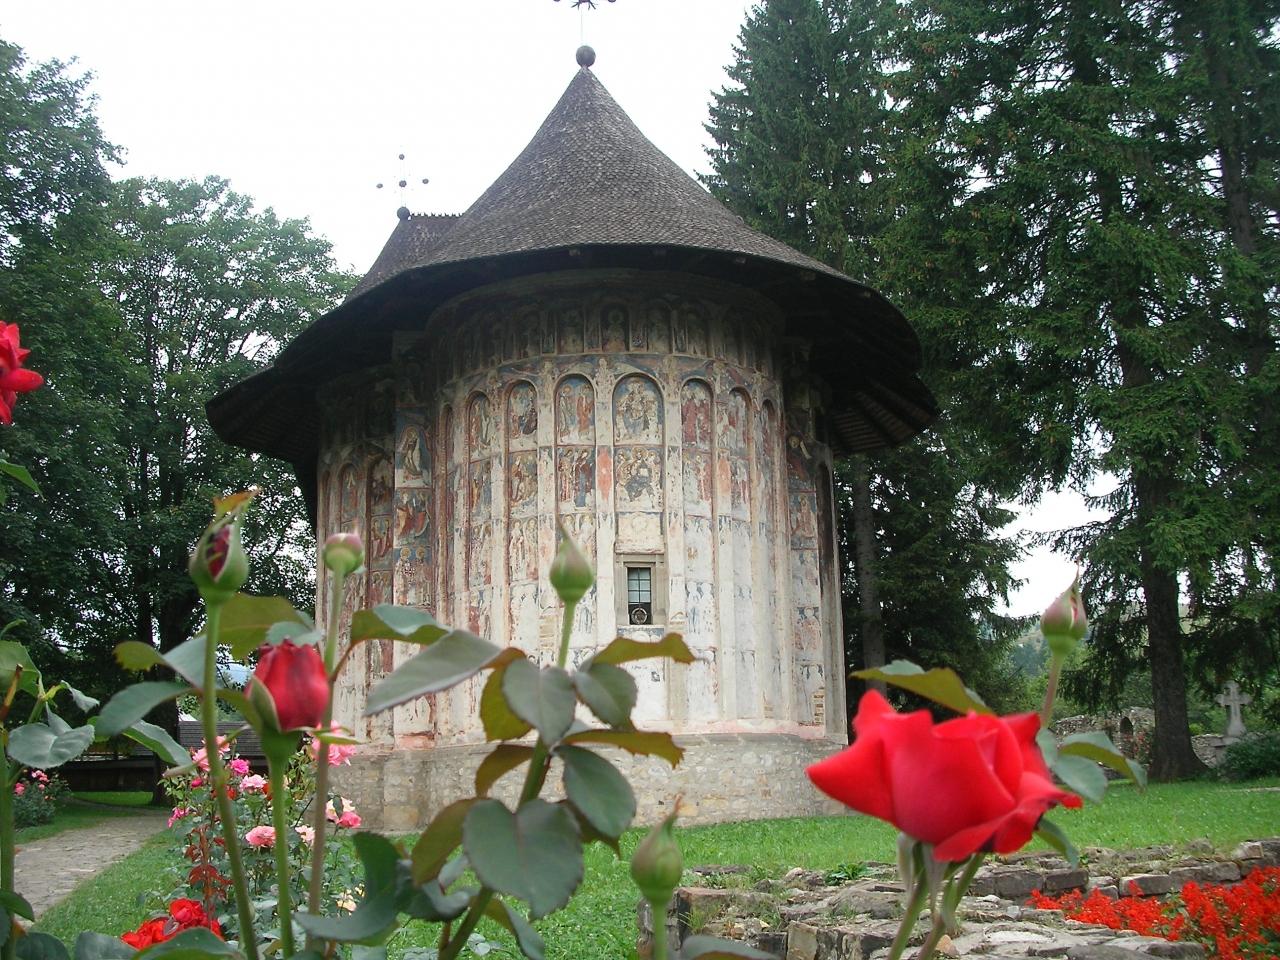 東欧の想い出(ポーランド・ハンガリー・ルーマニア)その4【 モルドヴァ修道院、ゼチェ・プラジーニ村、シナイア】